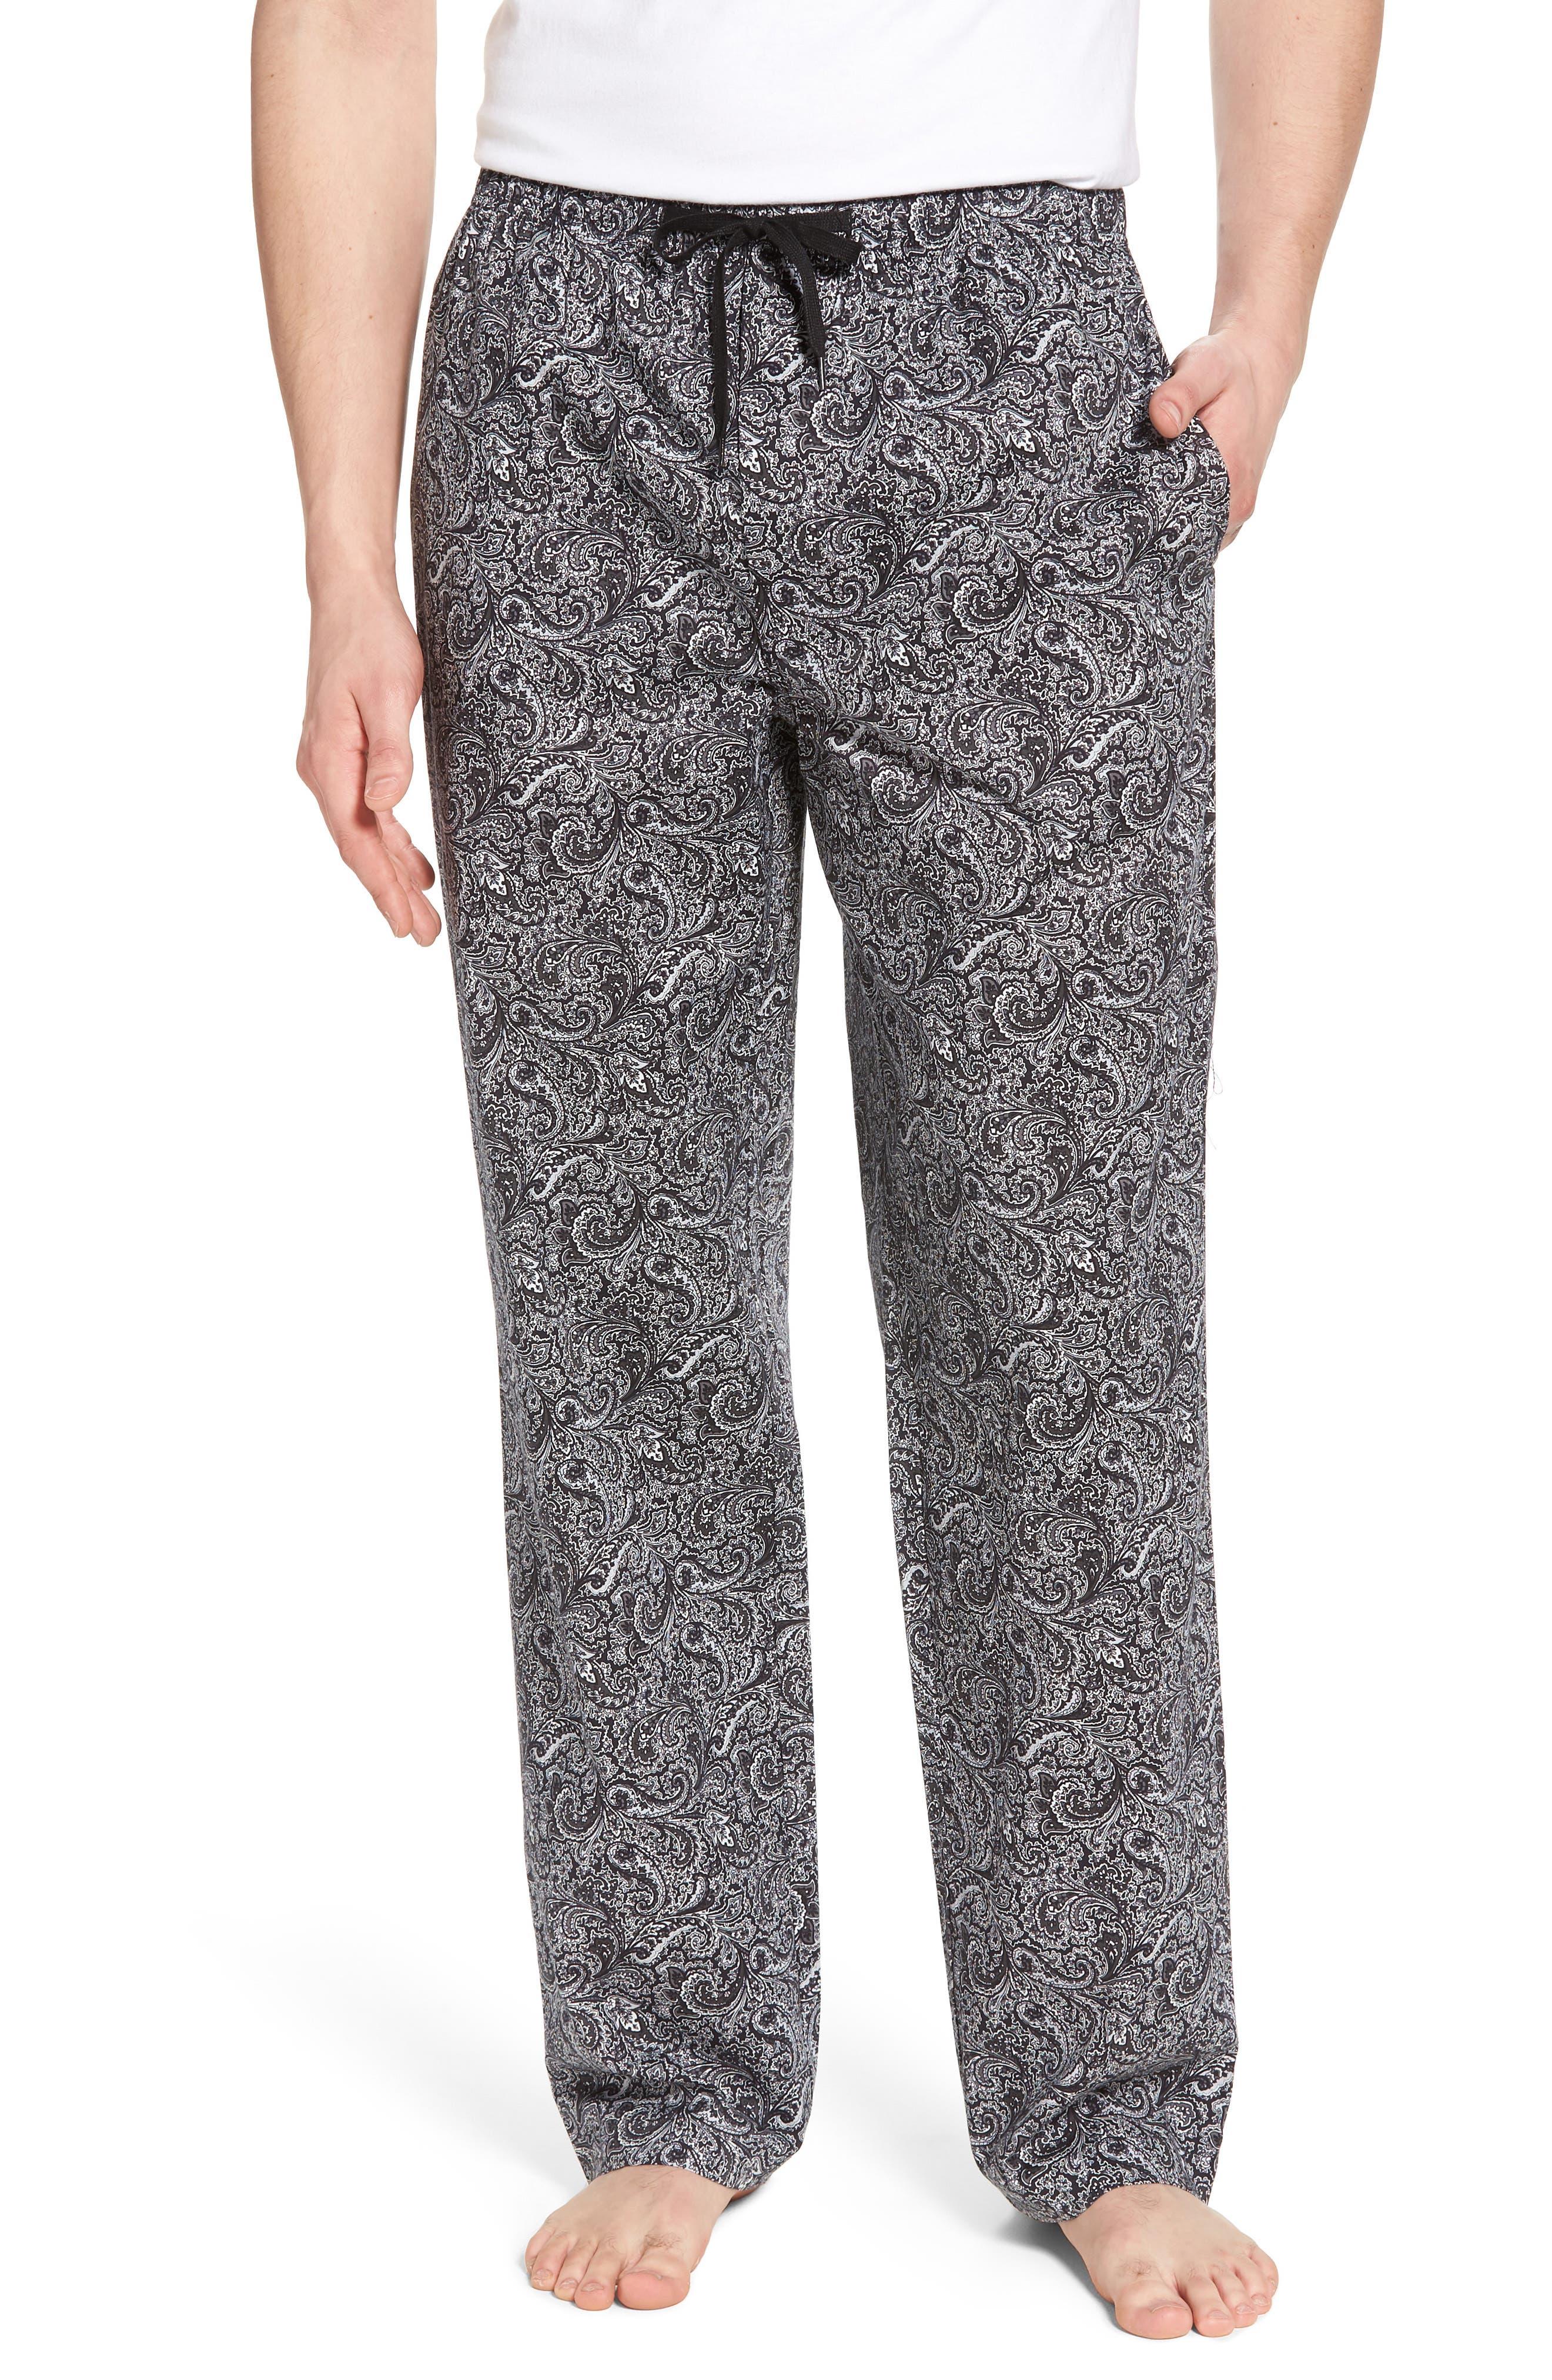 Starling Lounge Pants,                             Main thumbnail 1, color,                             BLACK PAISLEY